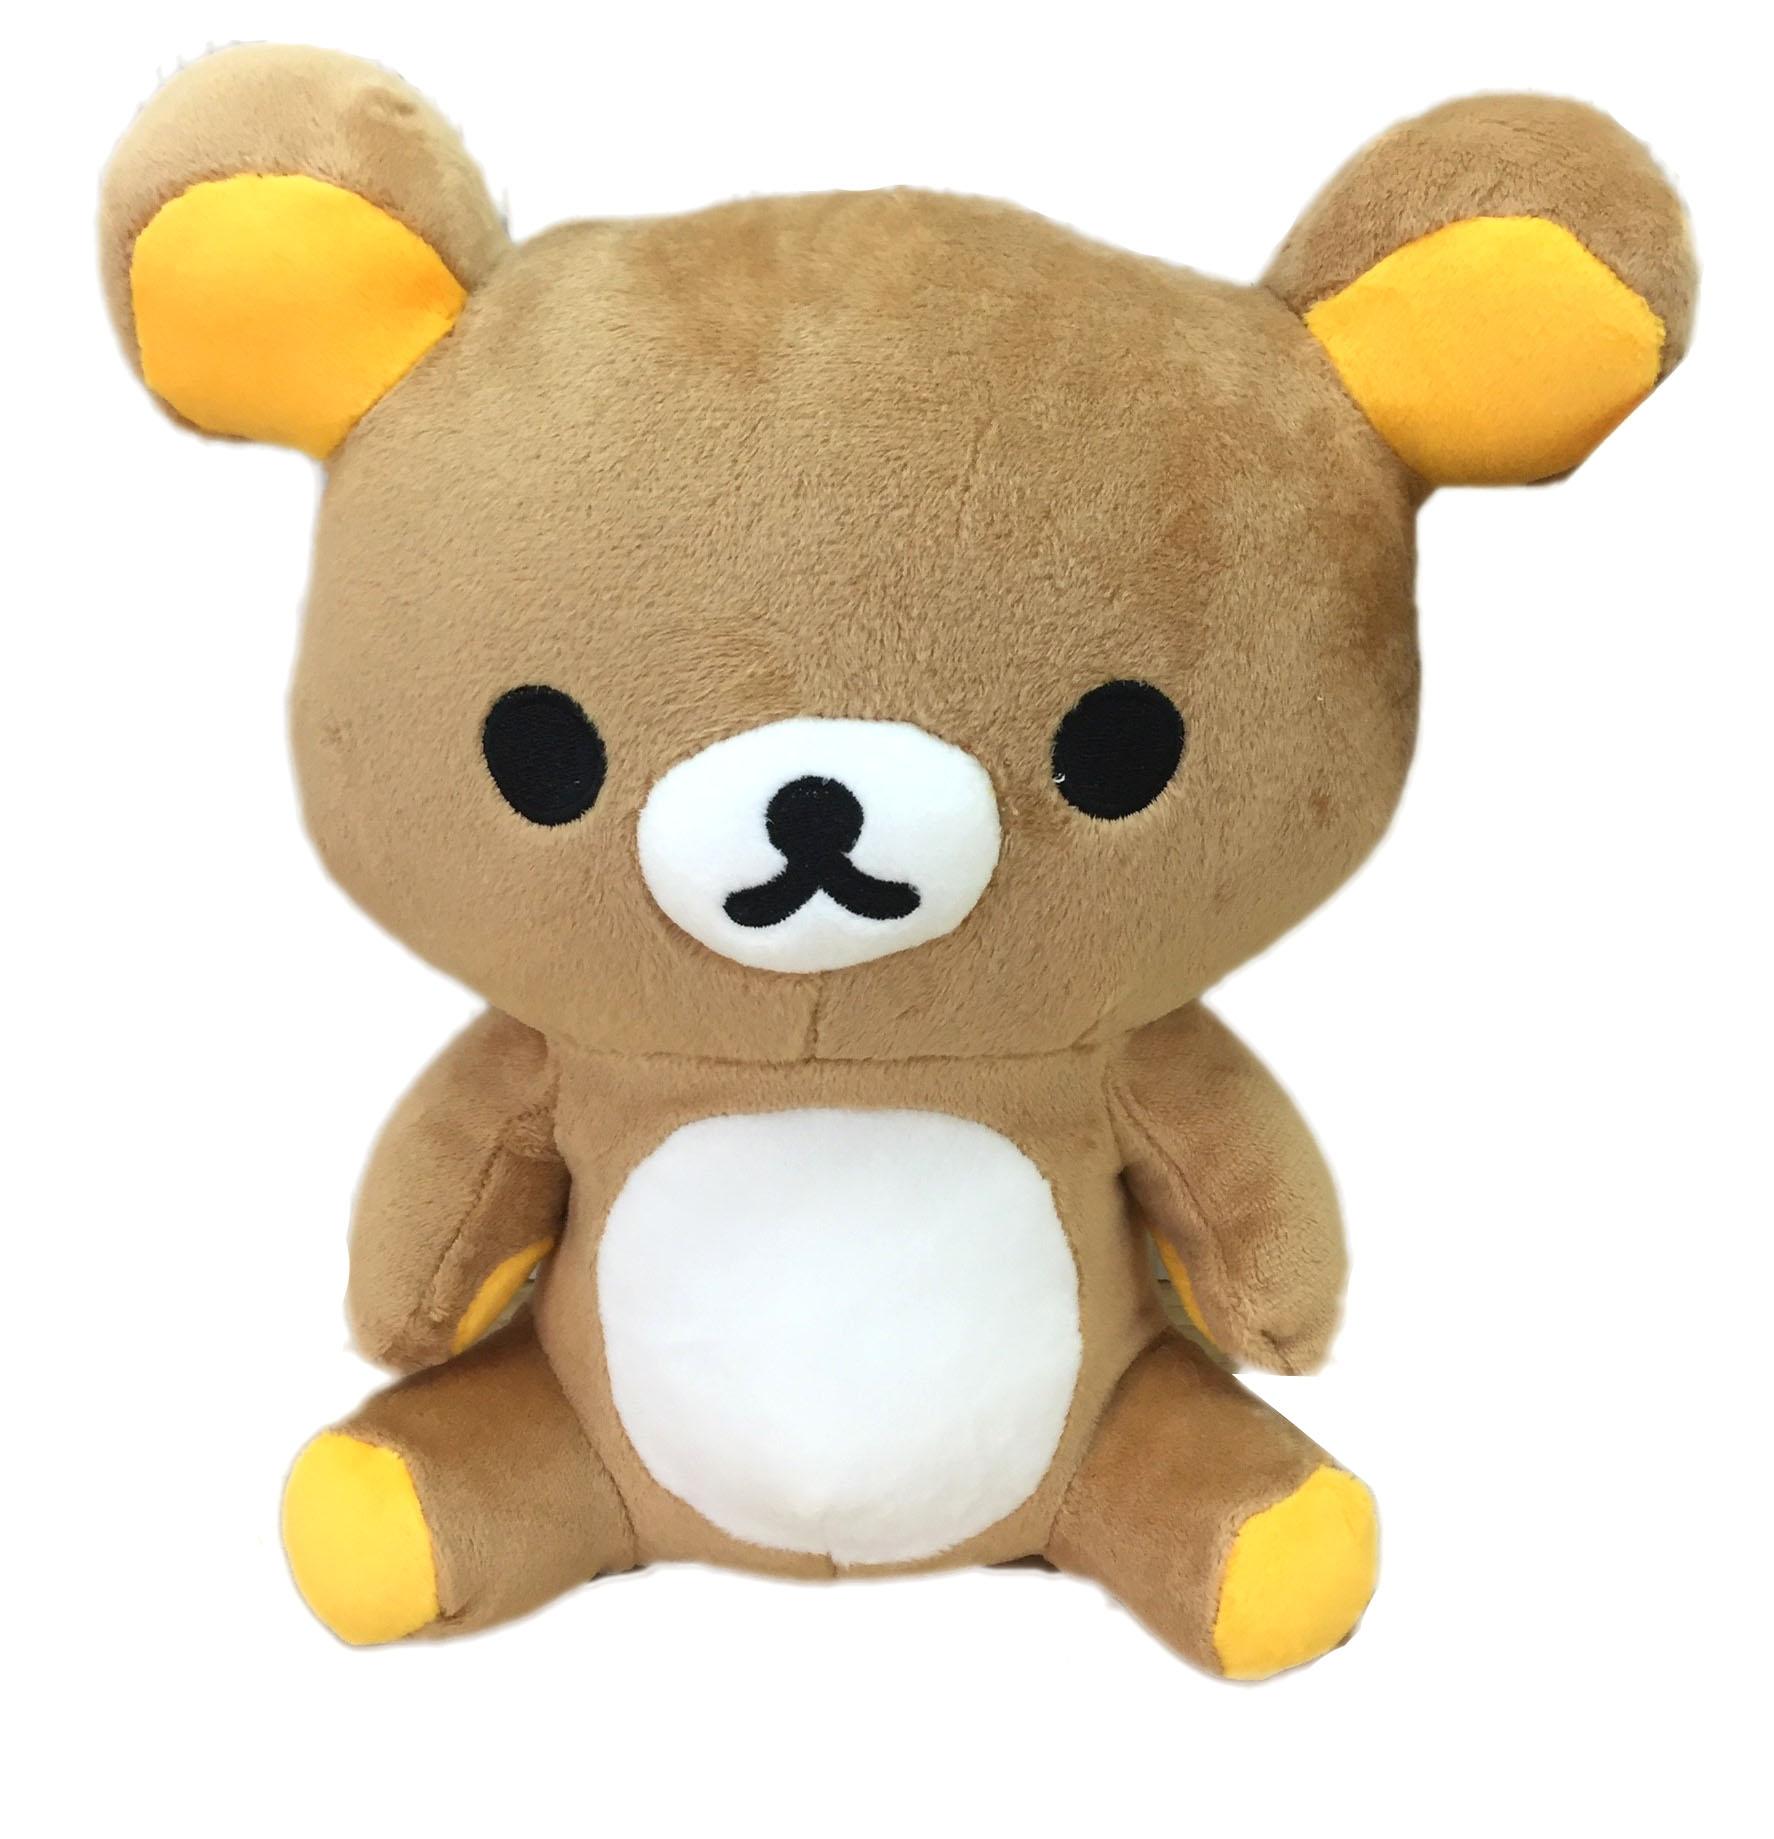 【真愛日本】16072700001全身坐娃-10吋懶熊   SAN-X 懶熊 奶妹 奶熊 拉拉熊 娃娃  玩偶